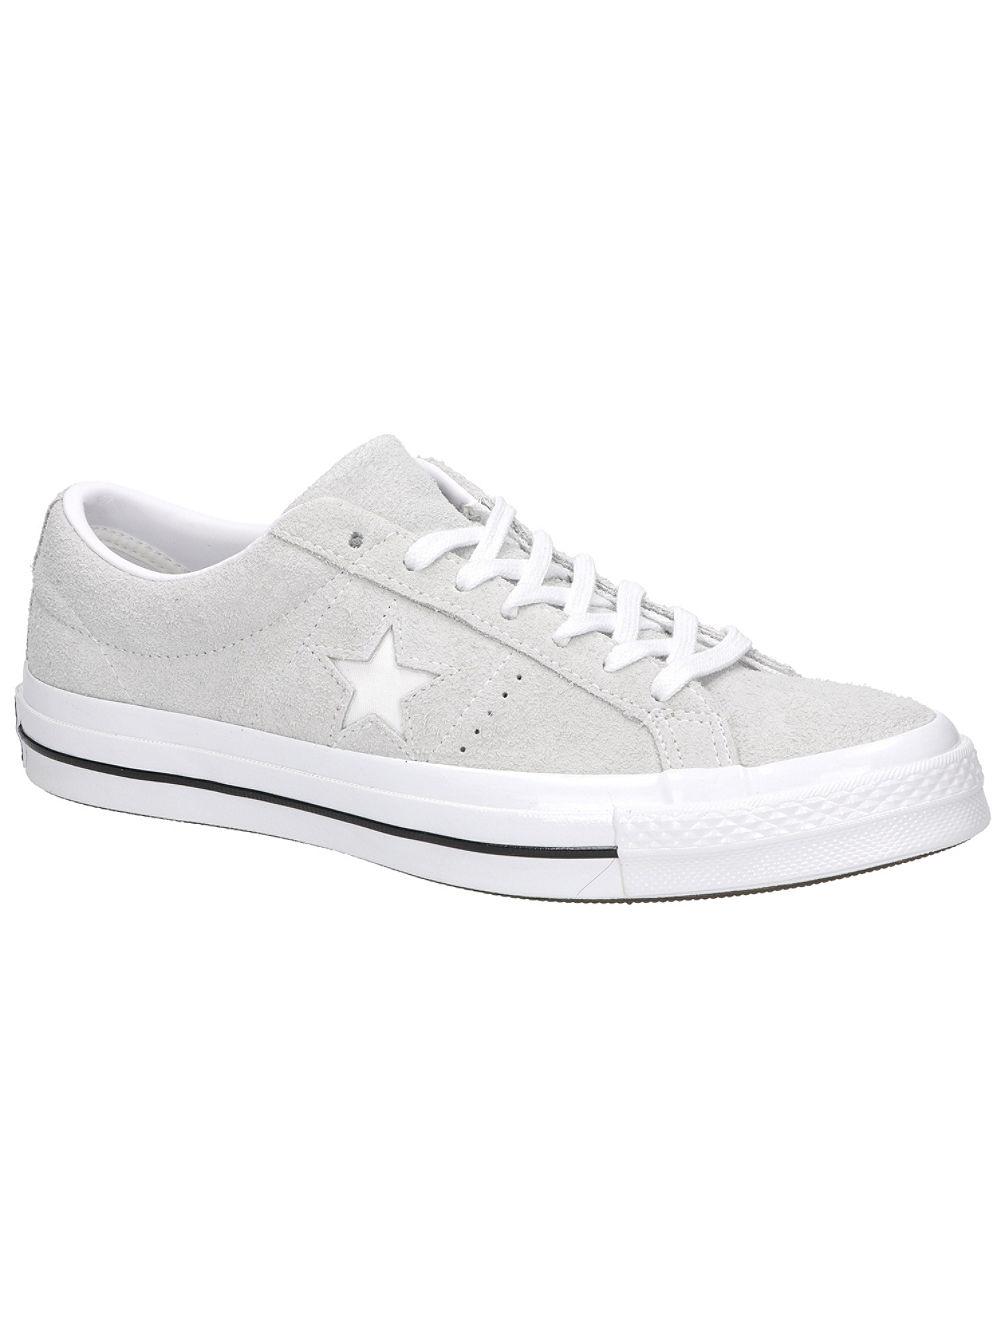 Converse One Star Ox Skateschuhe